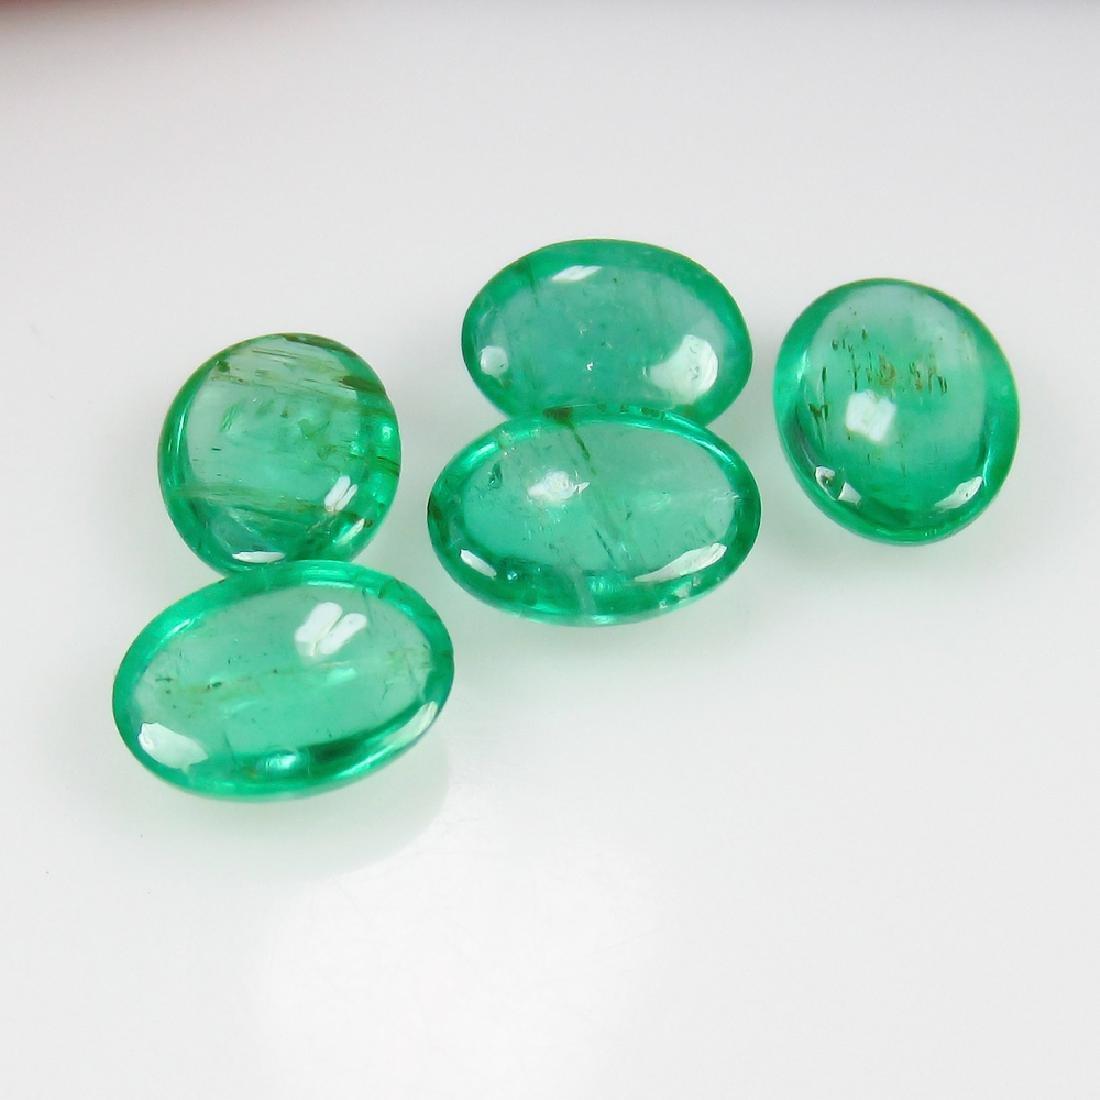 3.76 Ct Genuine Zambian Emerald Matching Oval Cabochon - 2